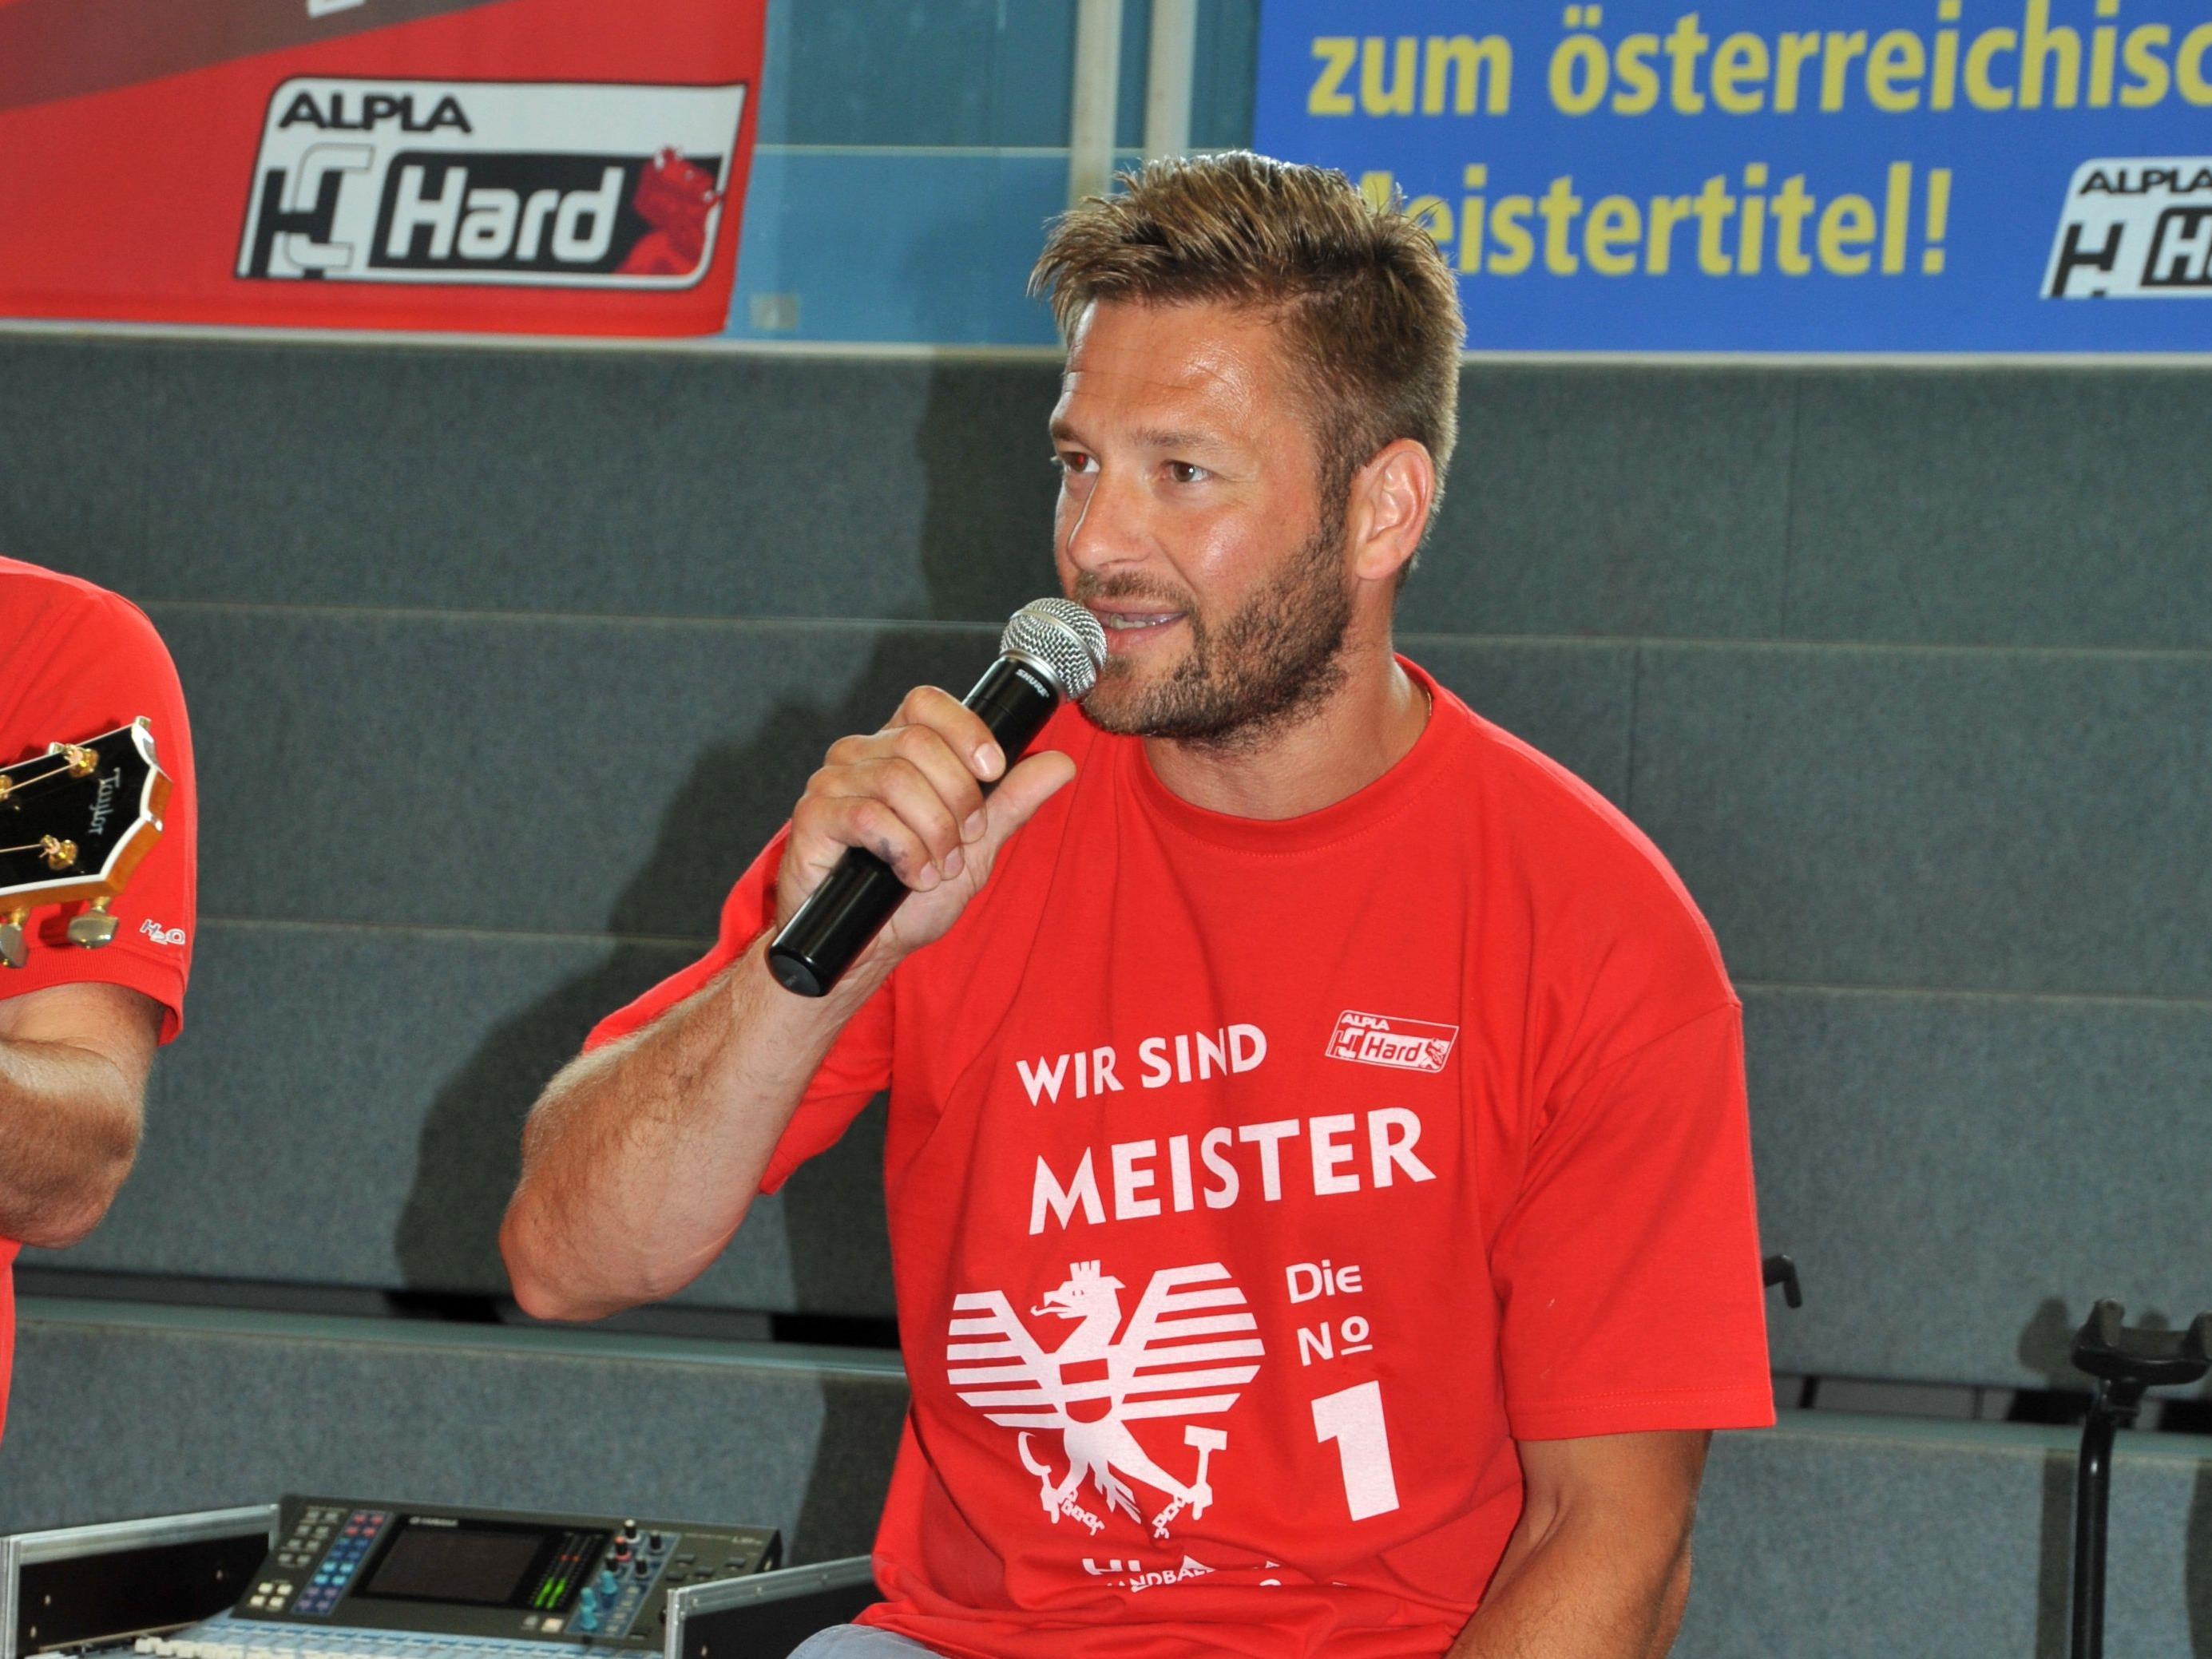 Der 77-fache Teamspieler Andreas Varga tritt beim All-Star-Game am Dienstag als Sänger auf.